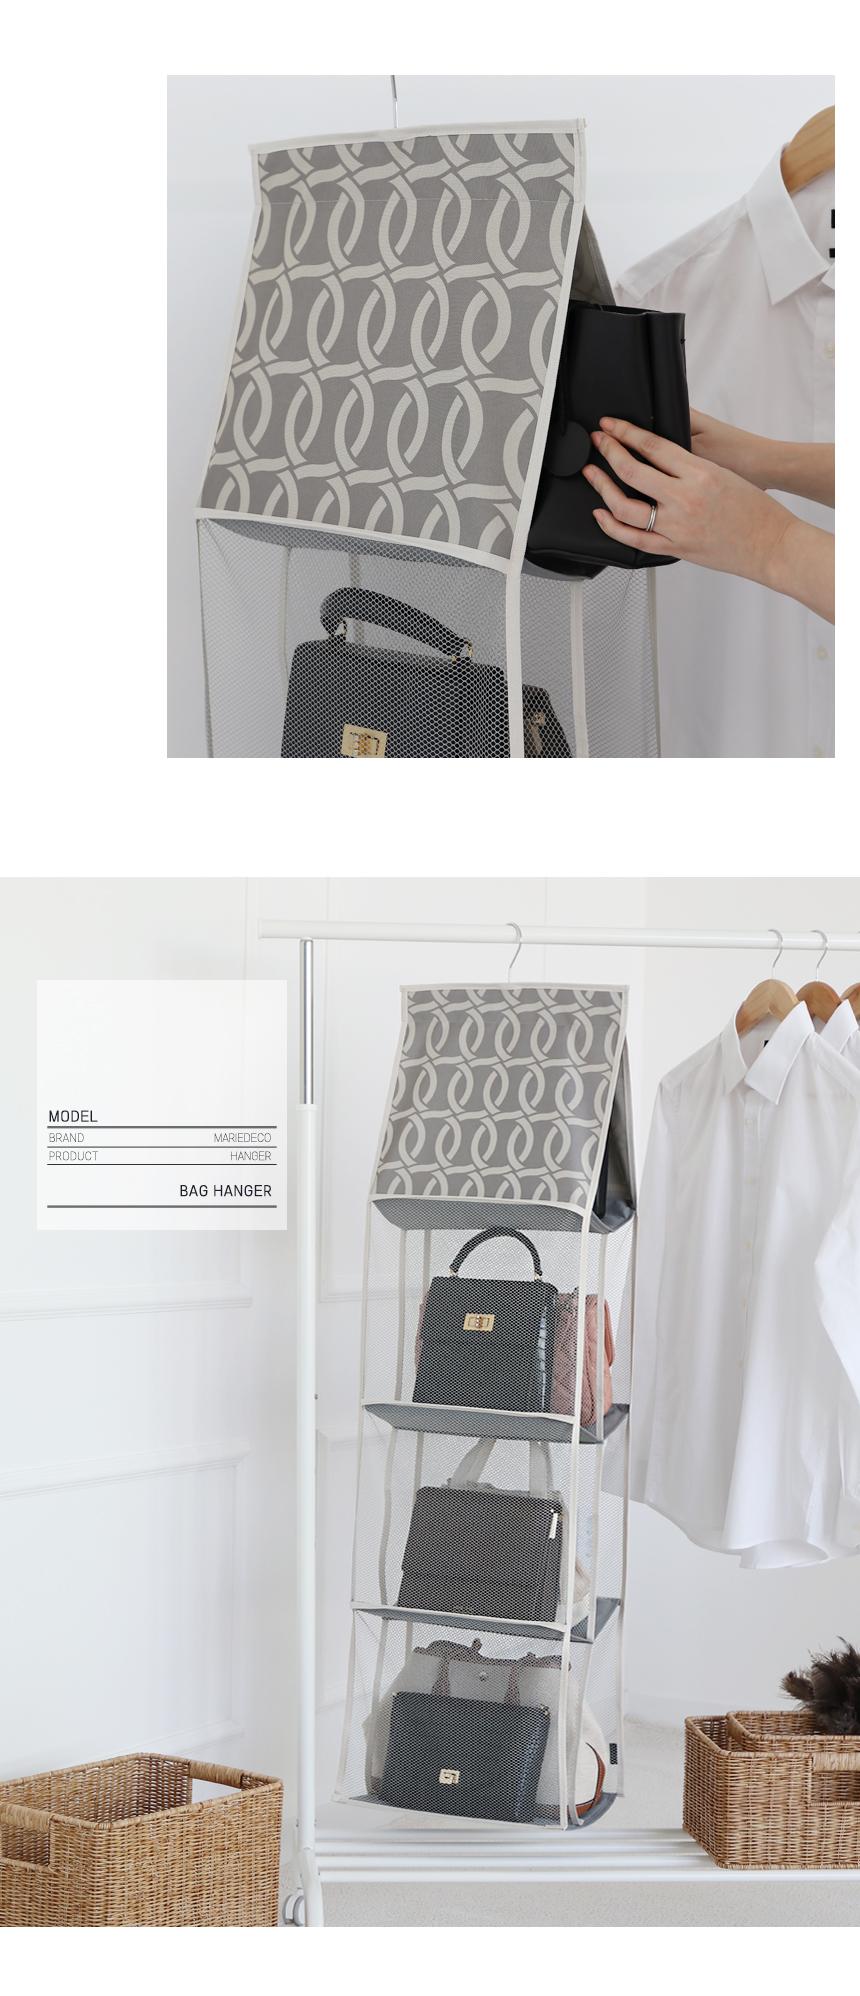 마리데코 다용도 가방걸이 7칸 - 더홈, 11,900원, 생활잡화, 후크